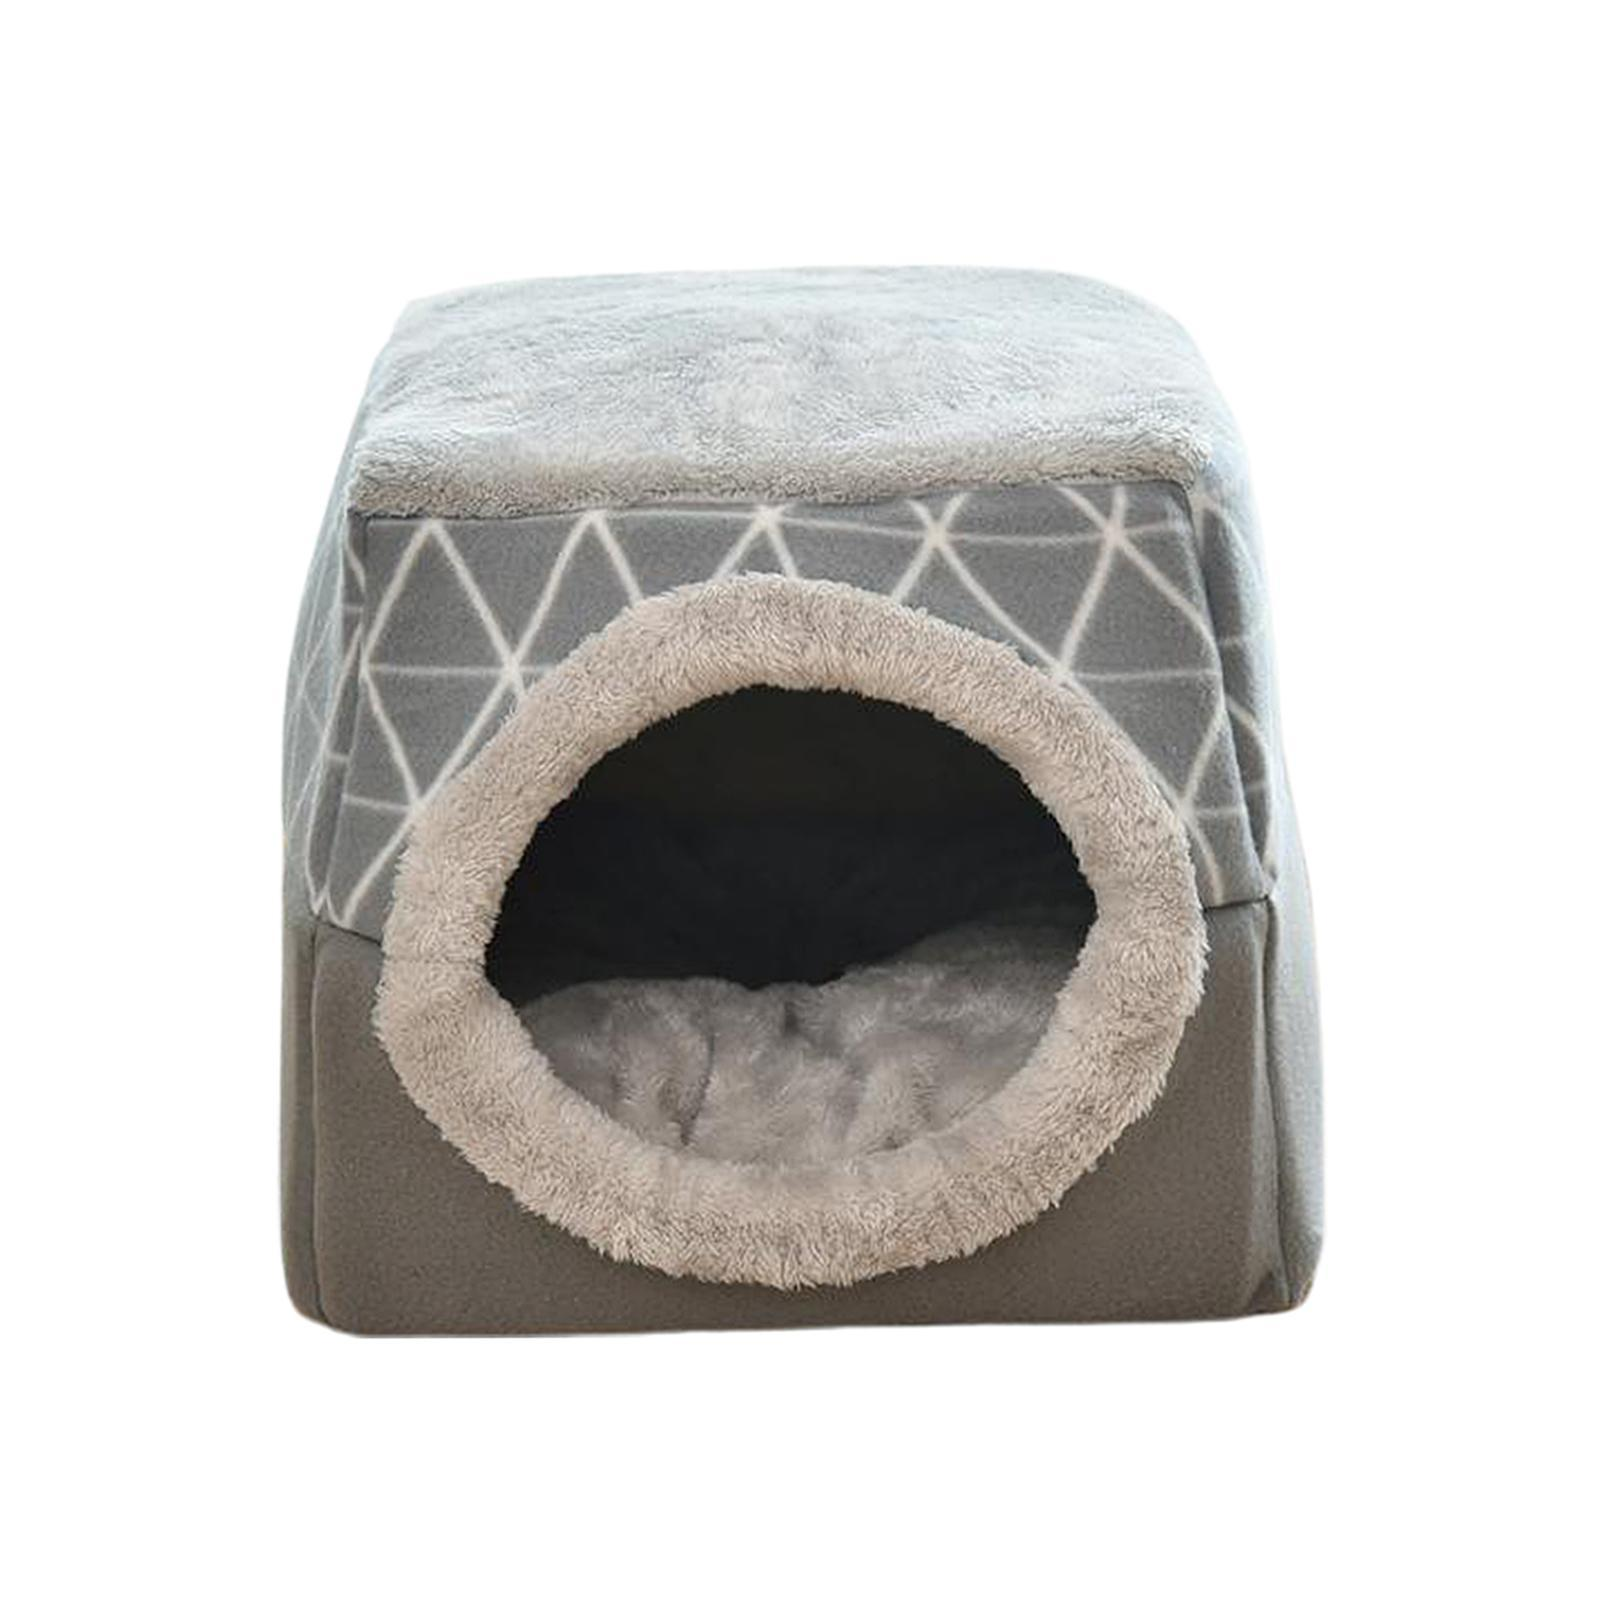 Indexbild 12 - 2-in-1-Weichen-Katzen-Haus-Schlafen-Bett-Zwinger-Puppy-Cave-Warme-Nest-Matte